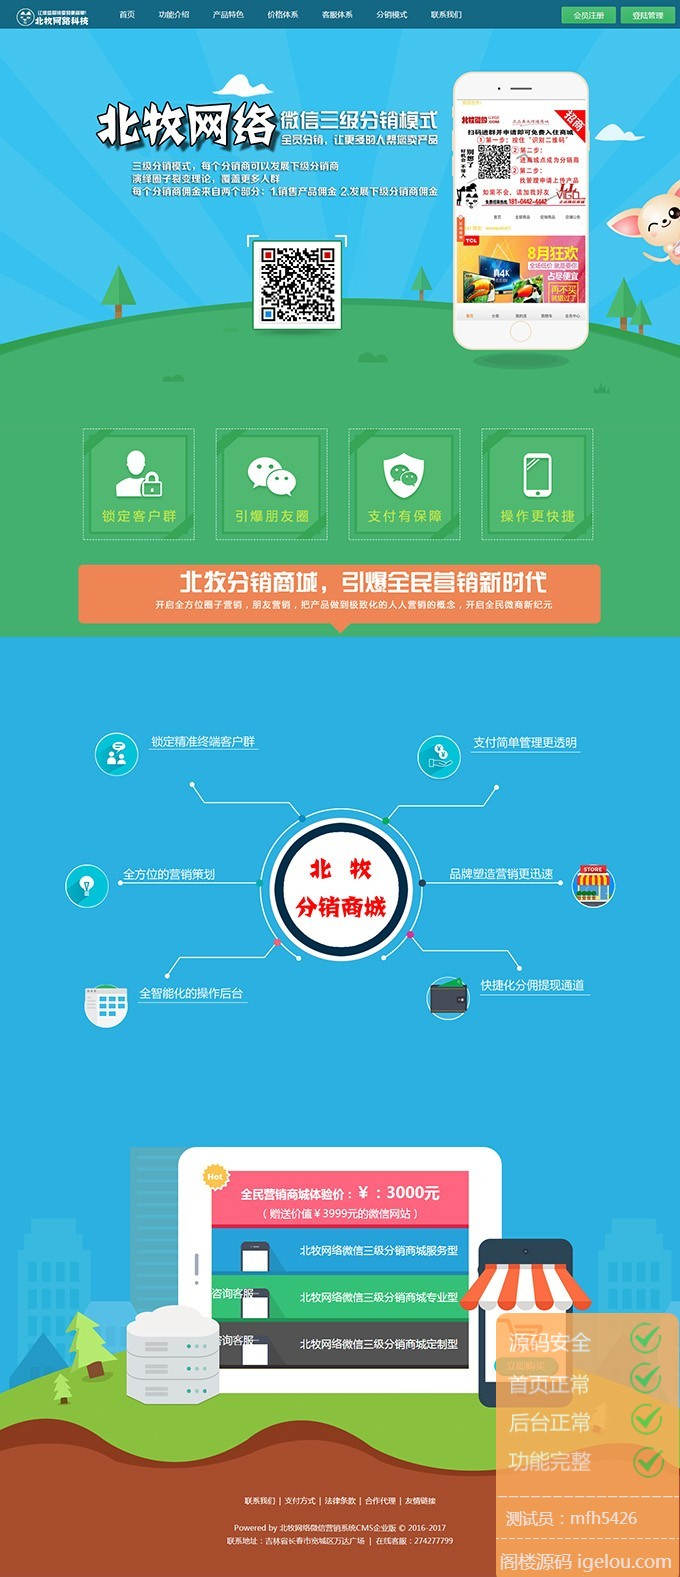 微信三级分销系统源码 北牧网络科技微信营销系统CMS